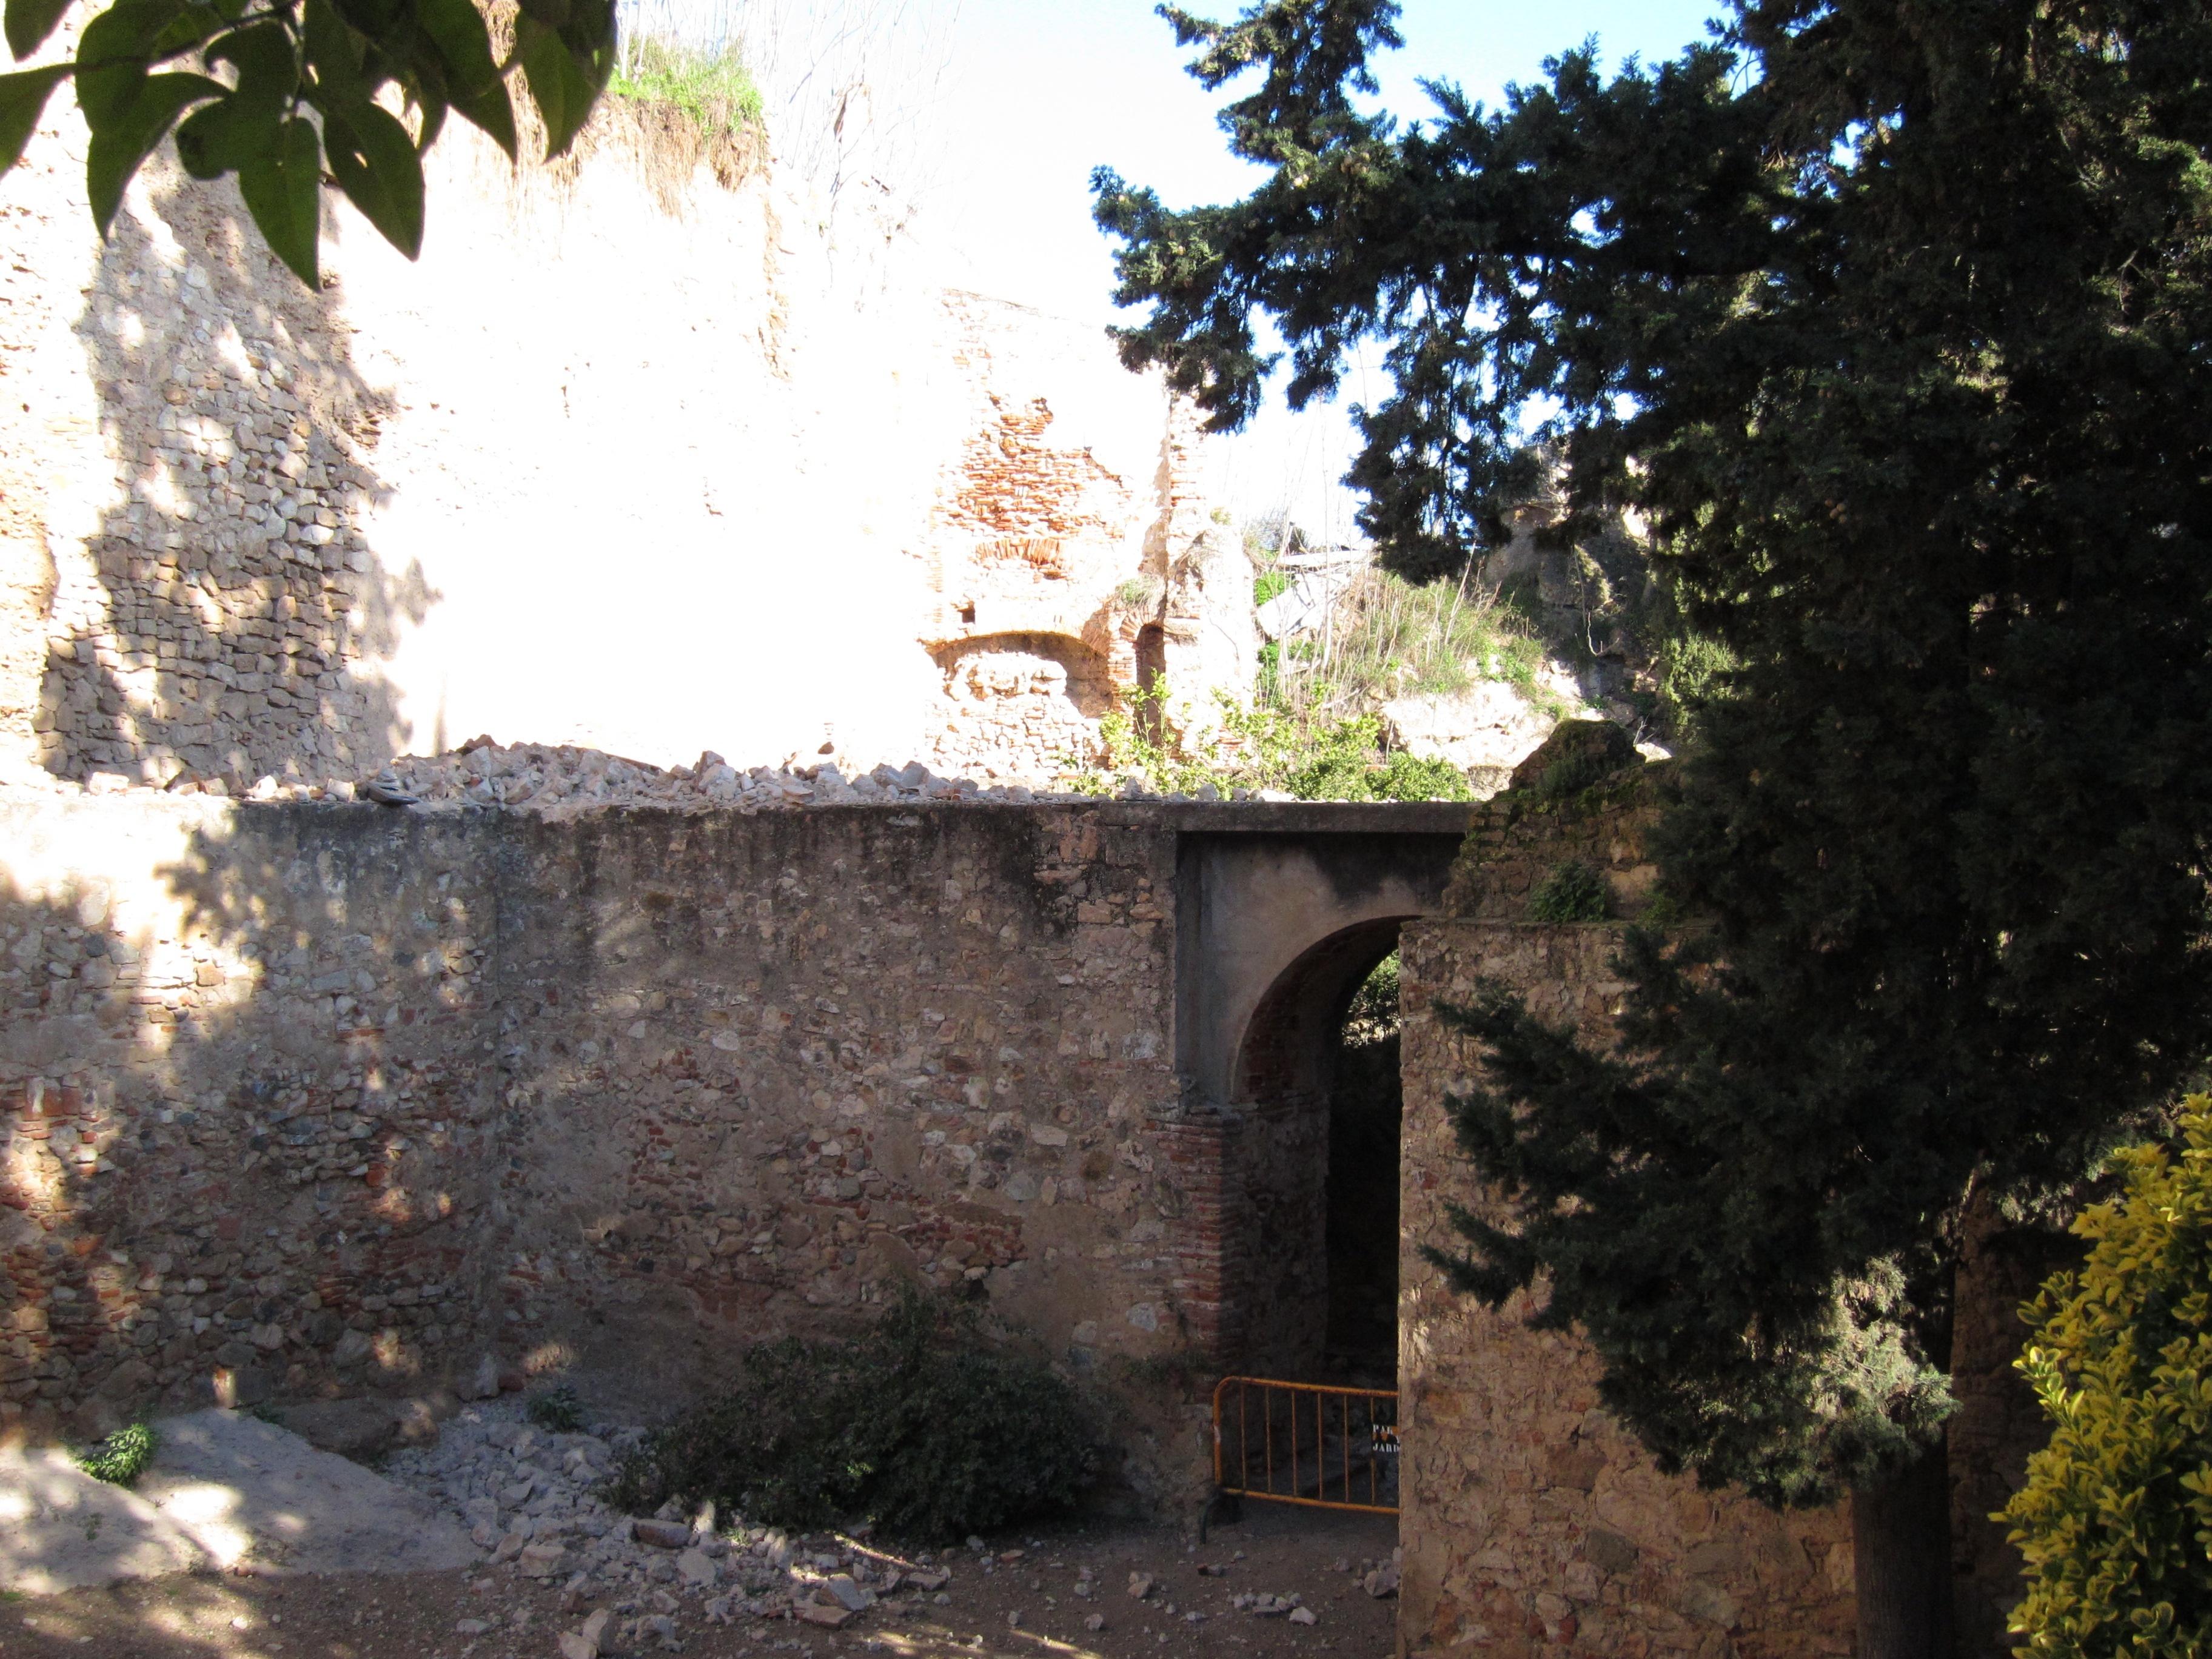 El Ayuntamiento de Badajoz achaca el derrumbe de la muralla a que ésta lleva «siglos sin que nadie le preste atención»